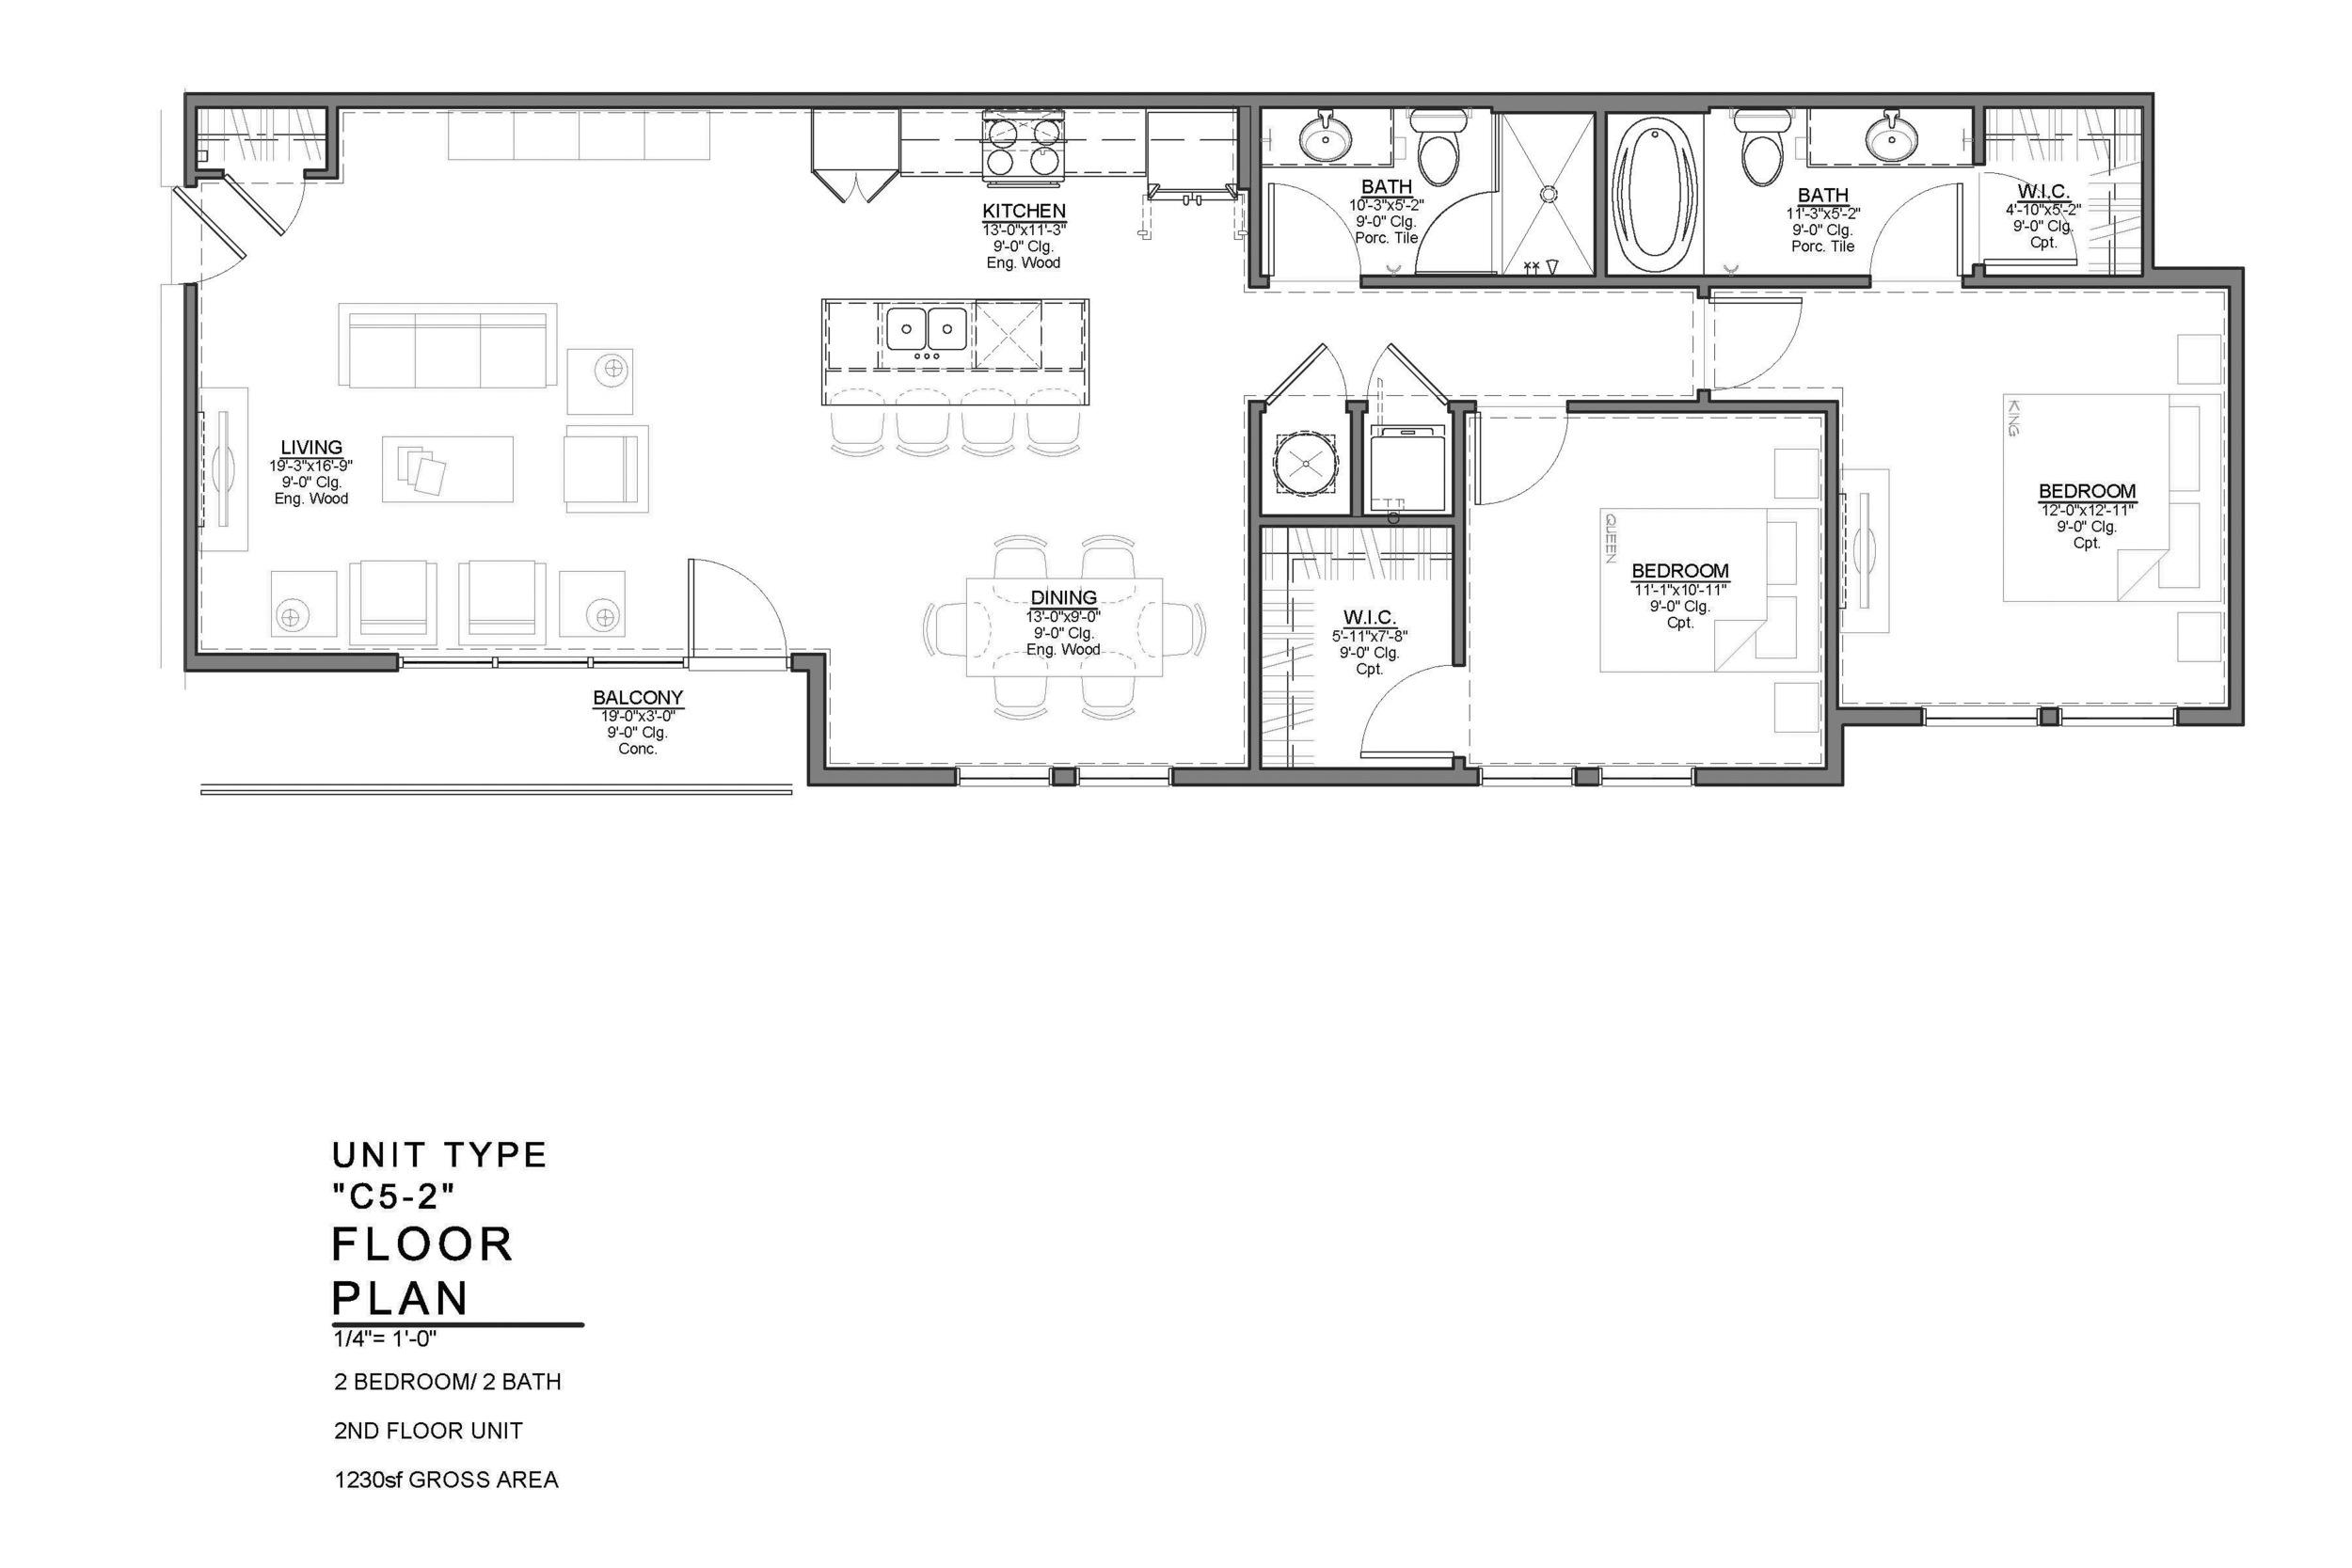 C5-2 FLOOR PLAN: 2 BEDROOM / 2 BATH